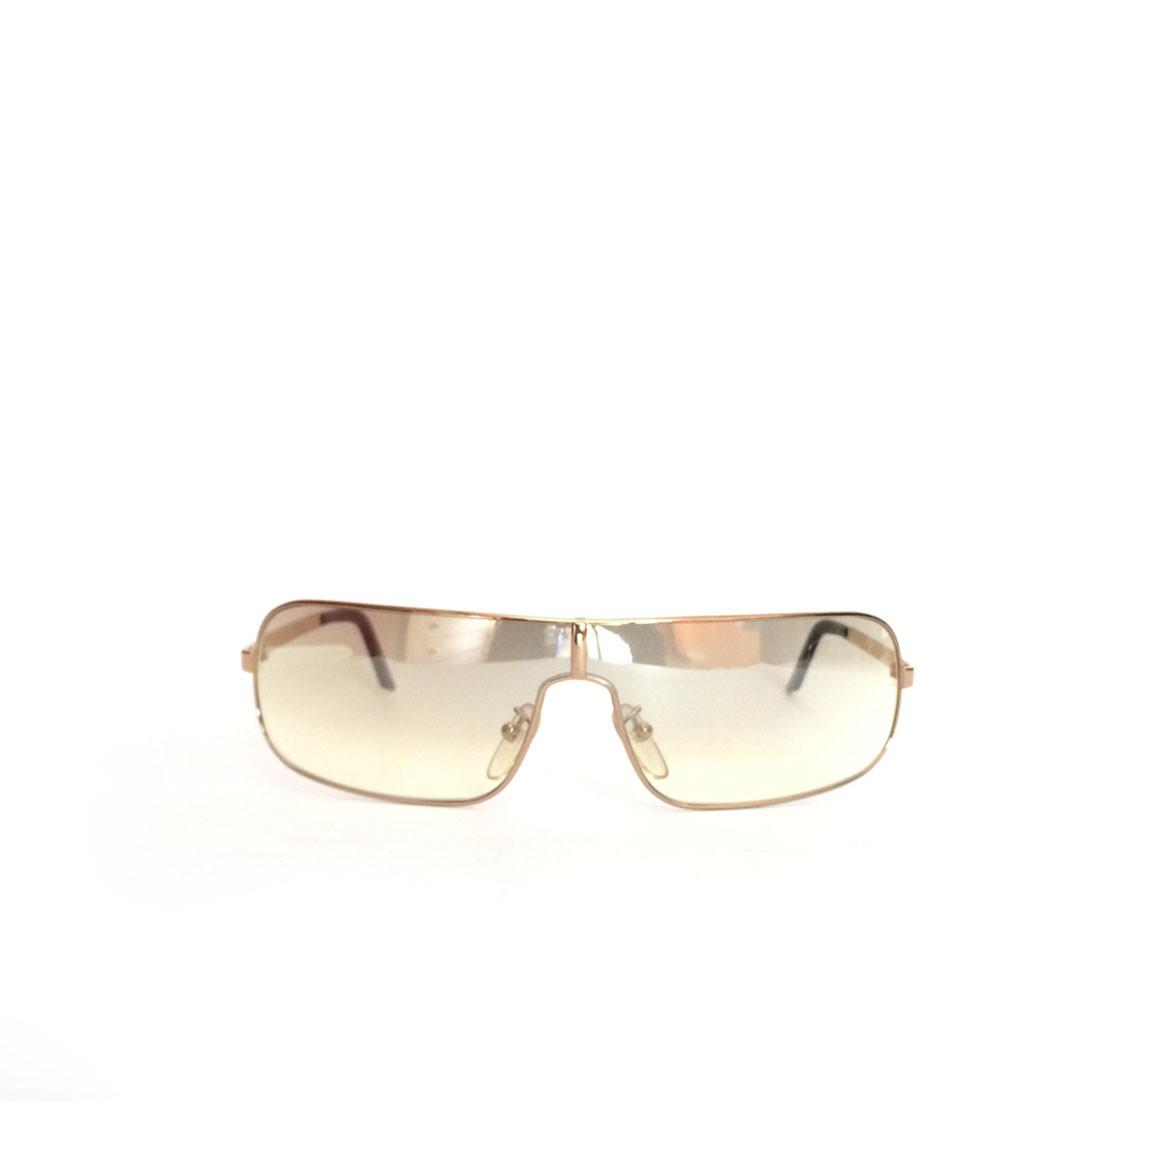 Lenti Oro Metallo Da Skeggiottica Occhiali Flash Sole Unisex Fendi wnz4xxqAaZ